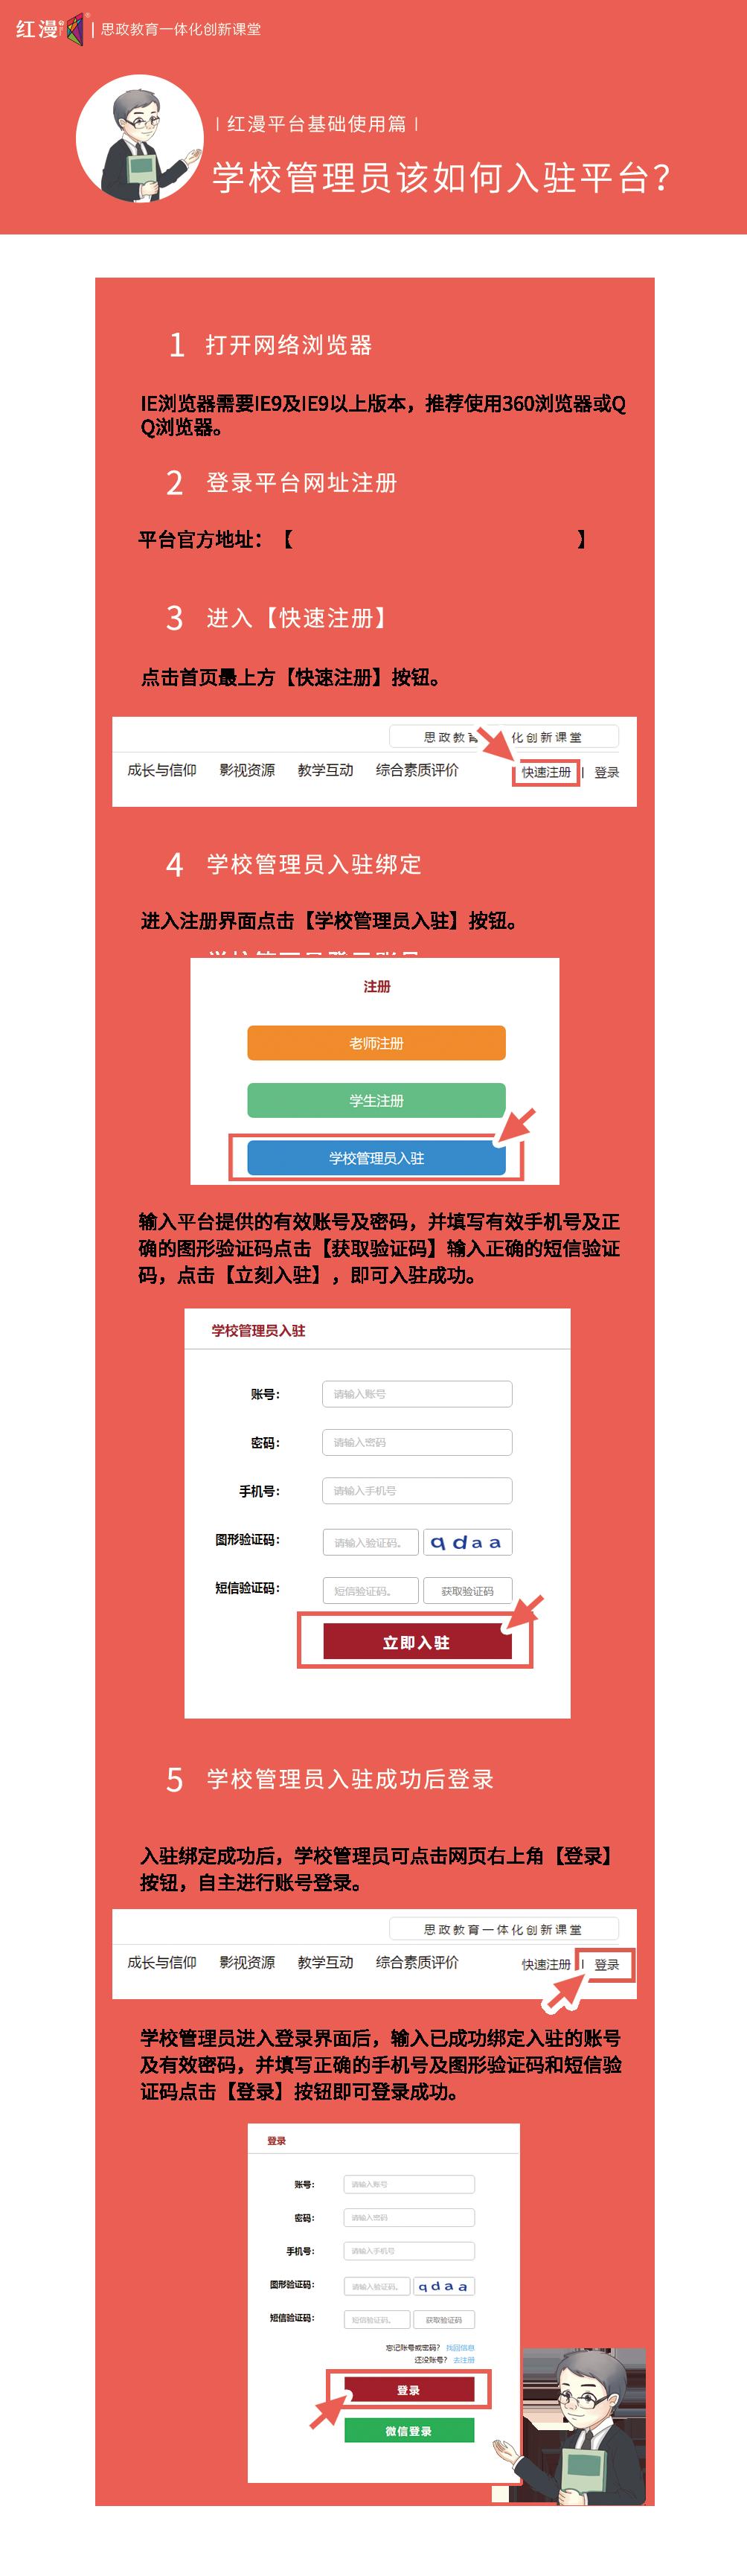 https://hongmanzy.oss-cn-hangzhou.aliyuncs.com/uploads/images/2020/11-09/202011091200595237.444.png